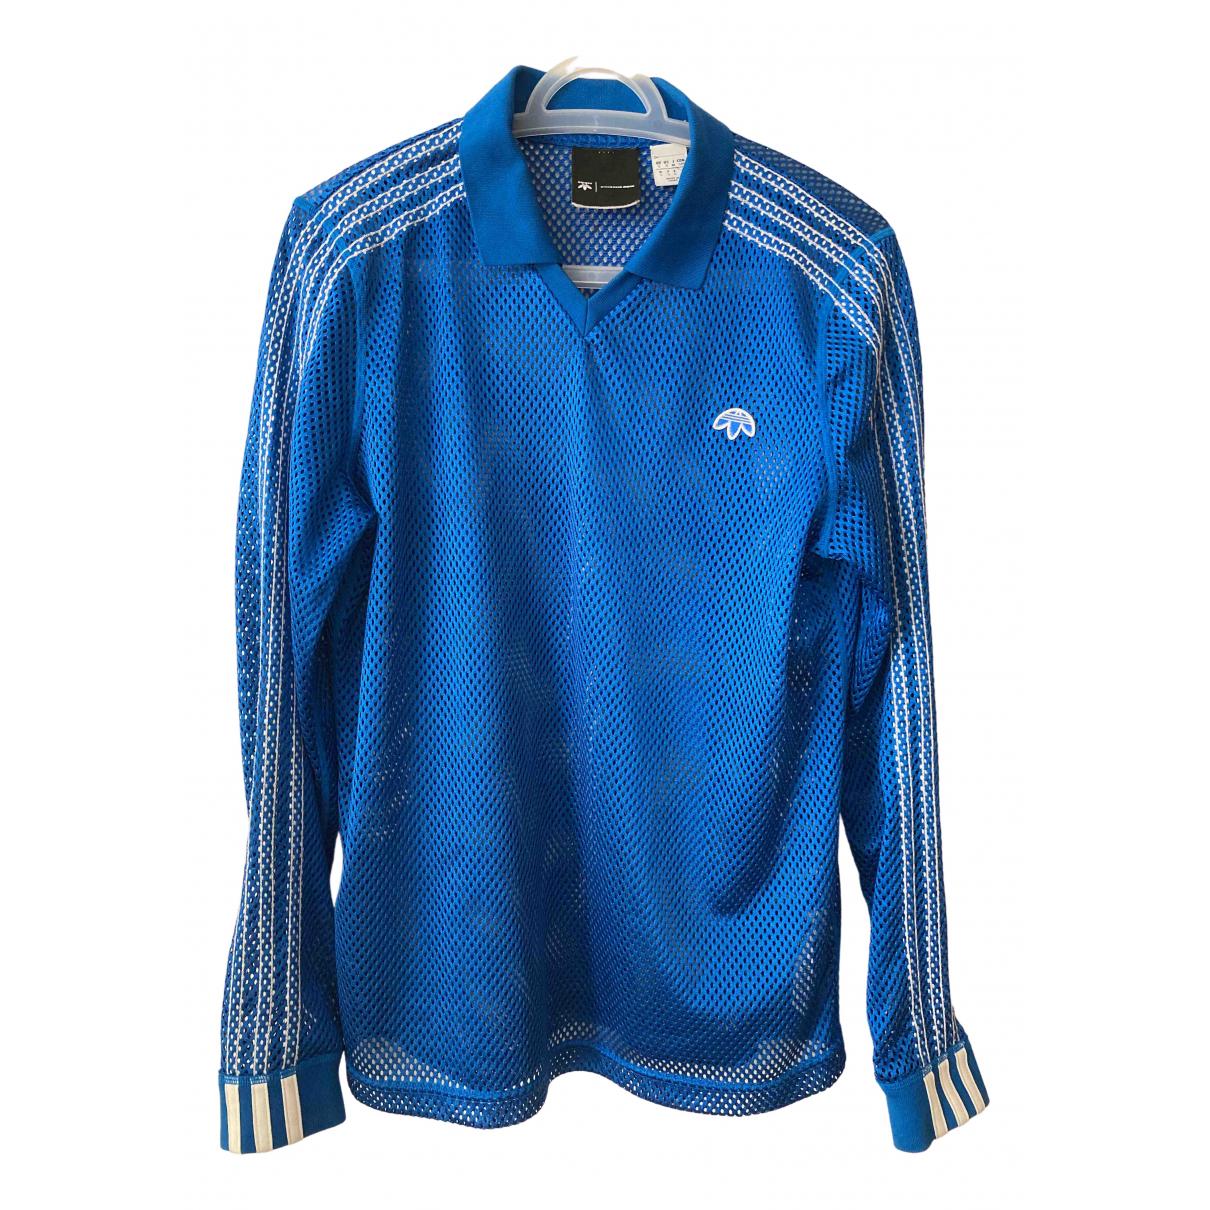 Polo en Poliester Azul Adidas Originals X Alexander Wang